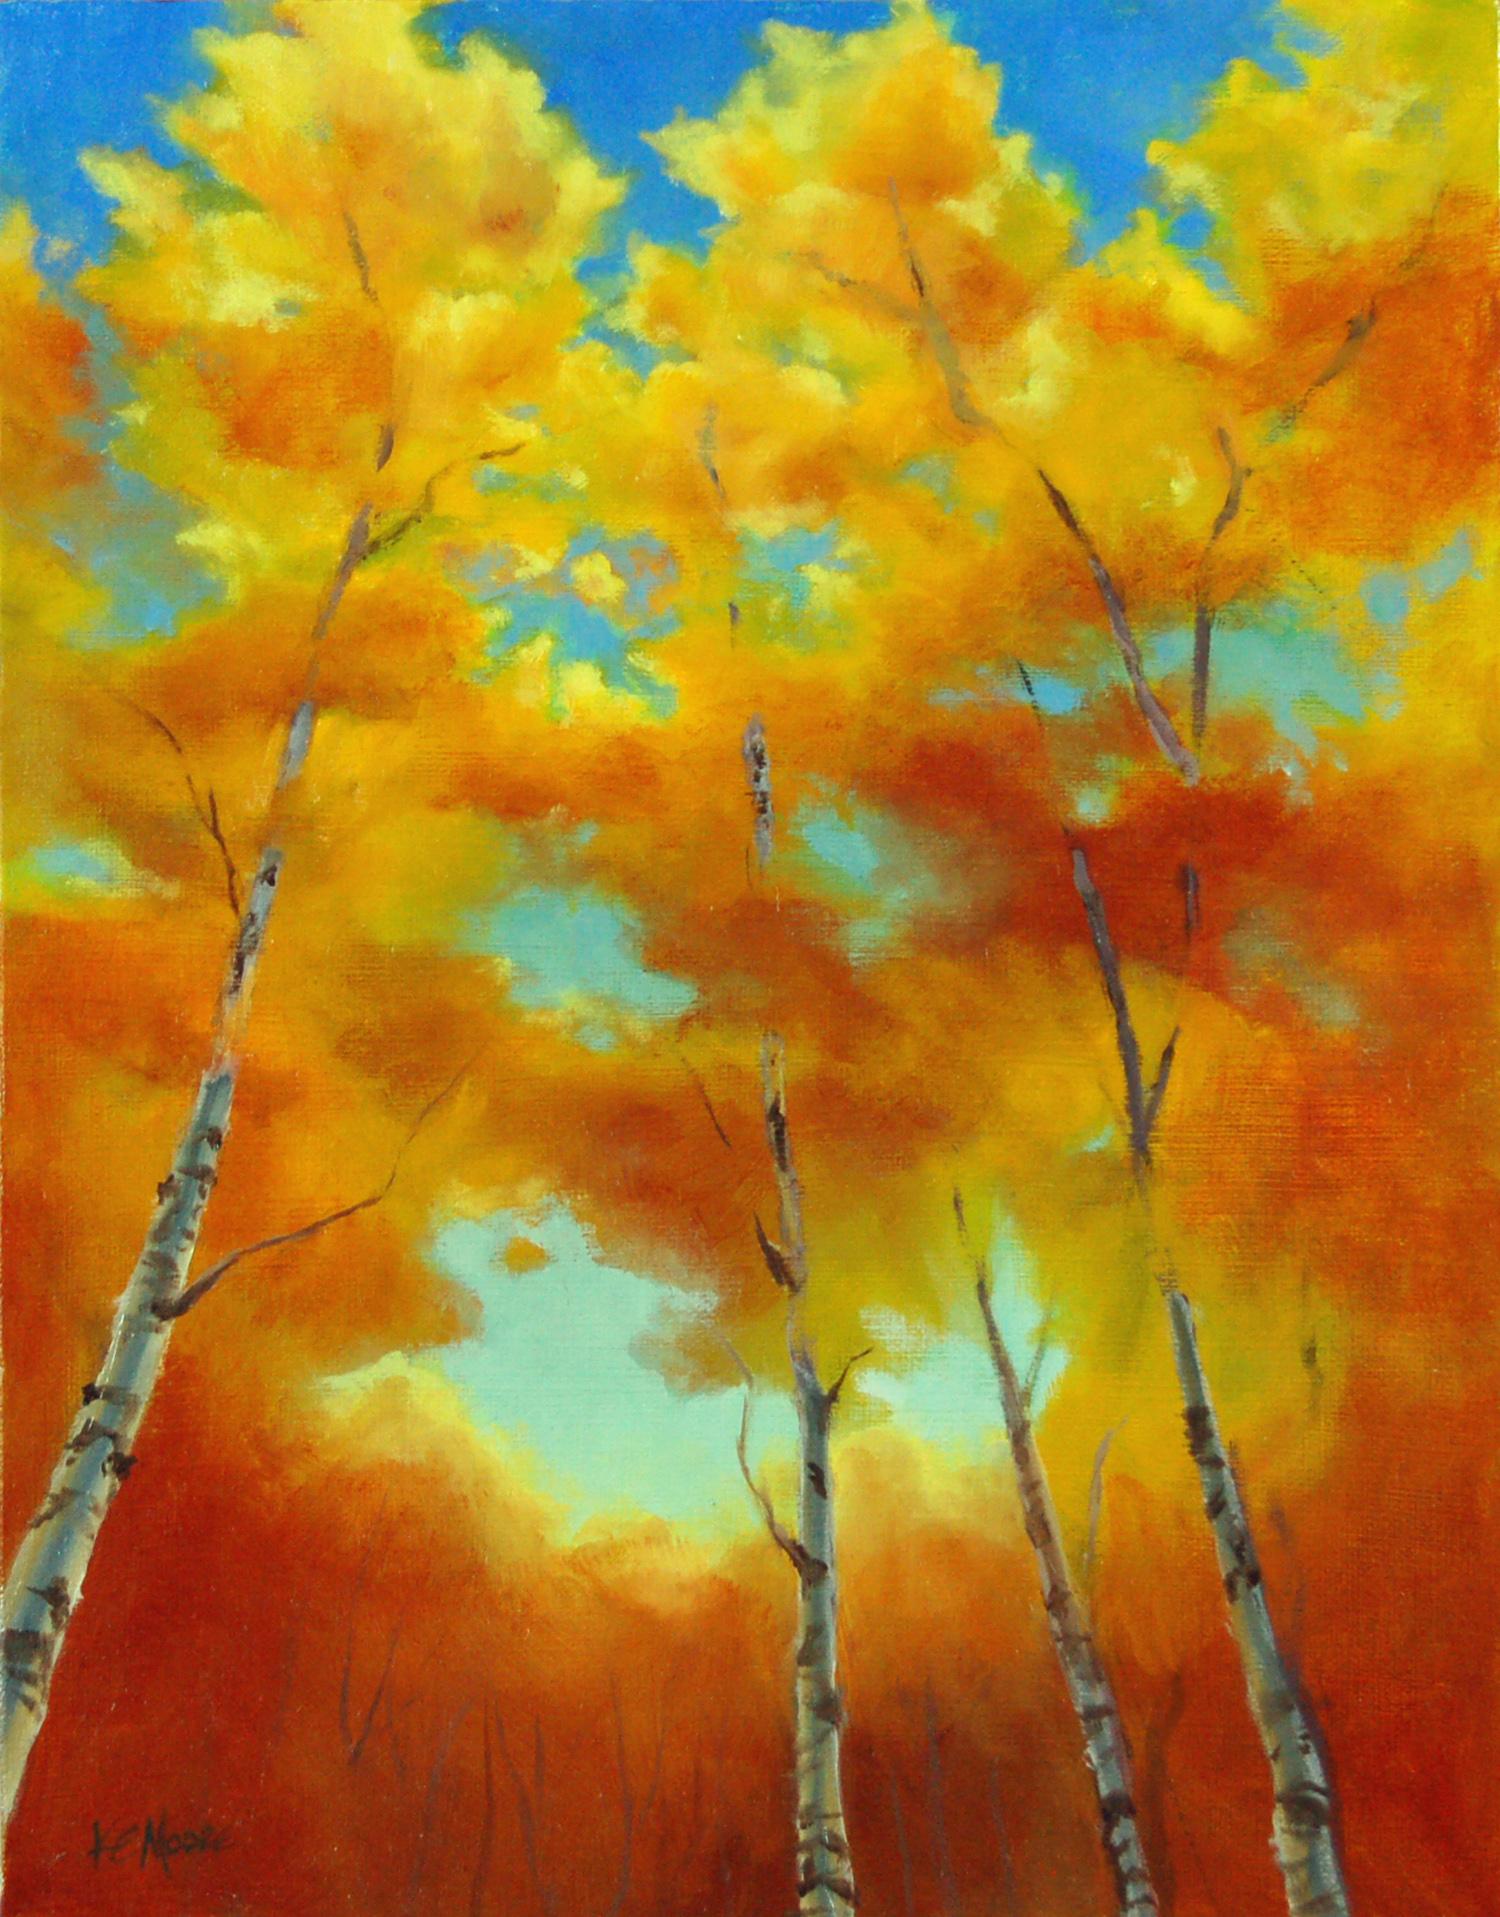 Taos Sky-Moore-Kathleen.jpg